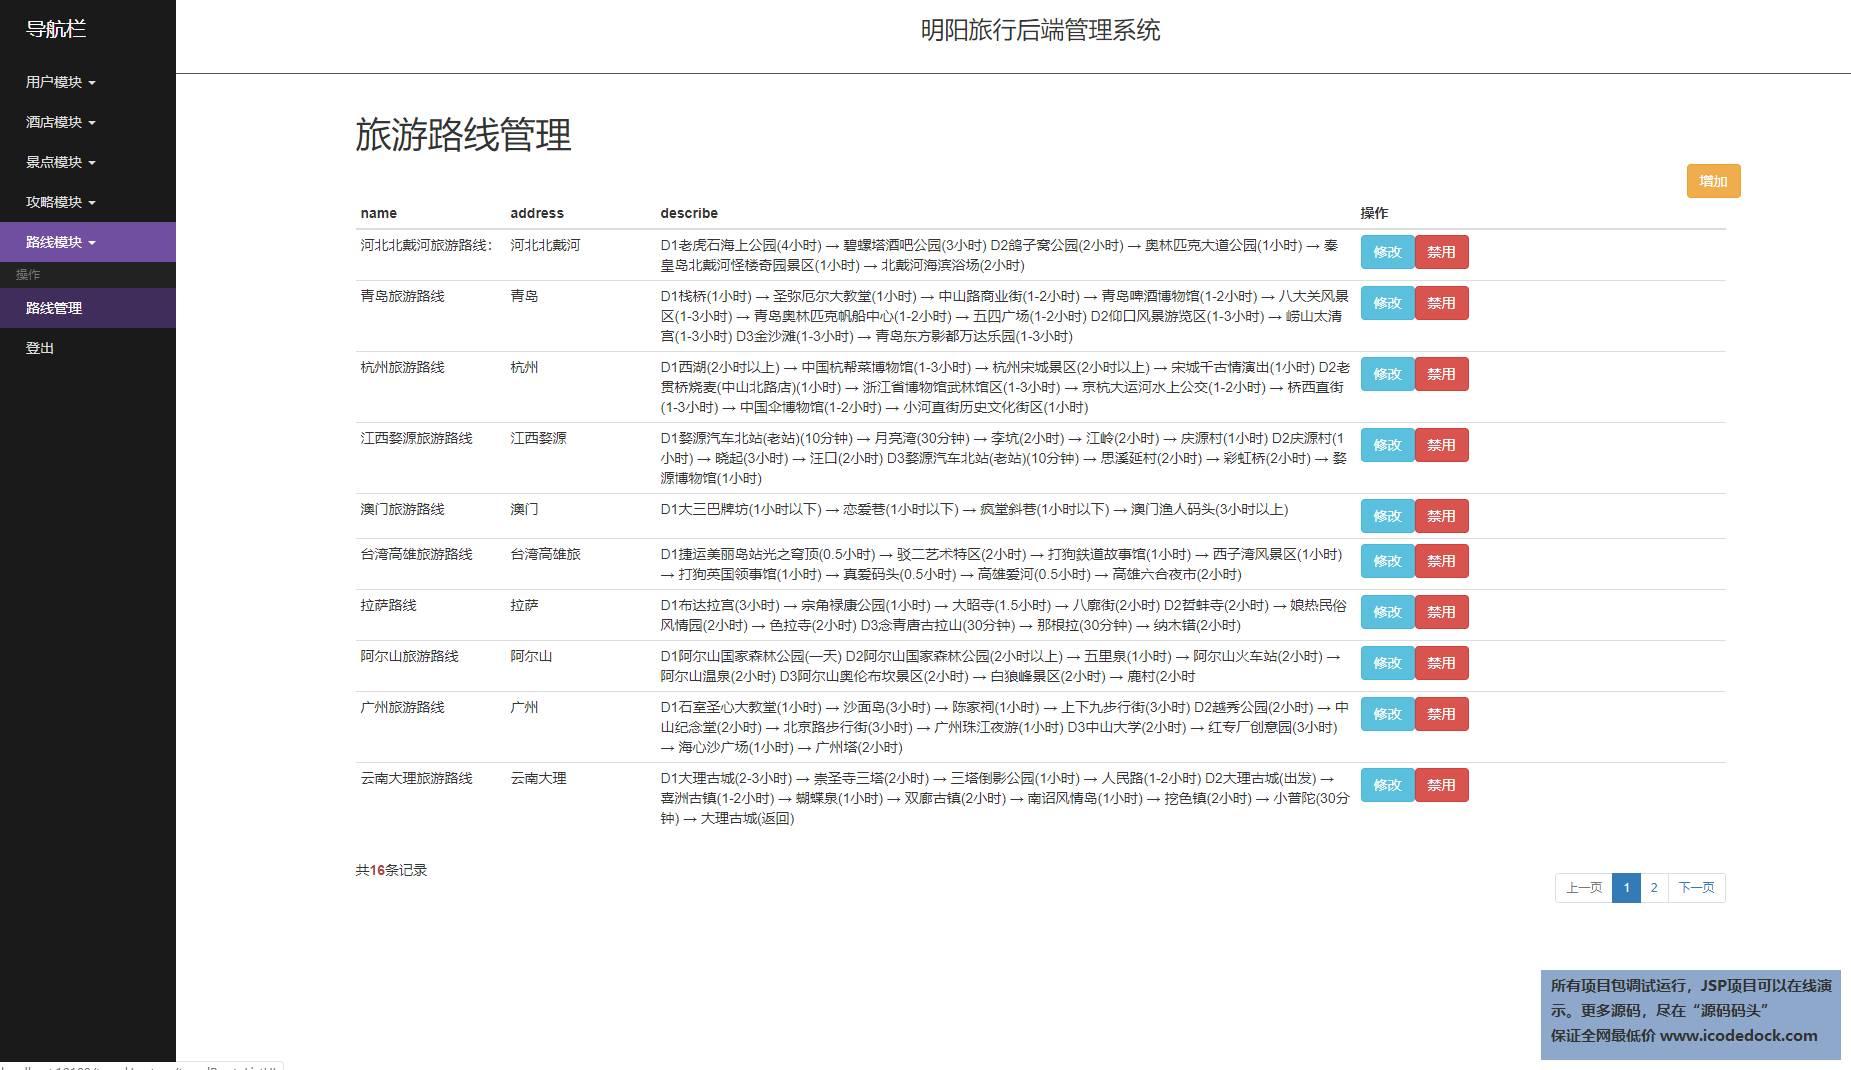 源码码头-SpringBoot旅游综合服务平台-管理员角色-路线管理